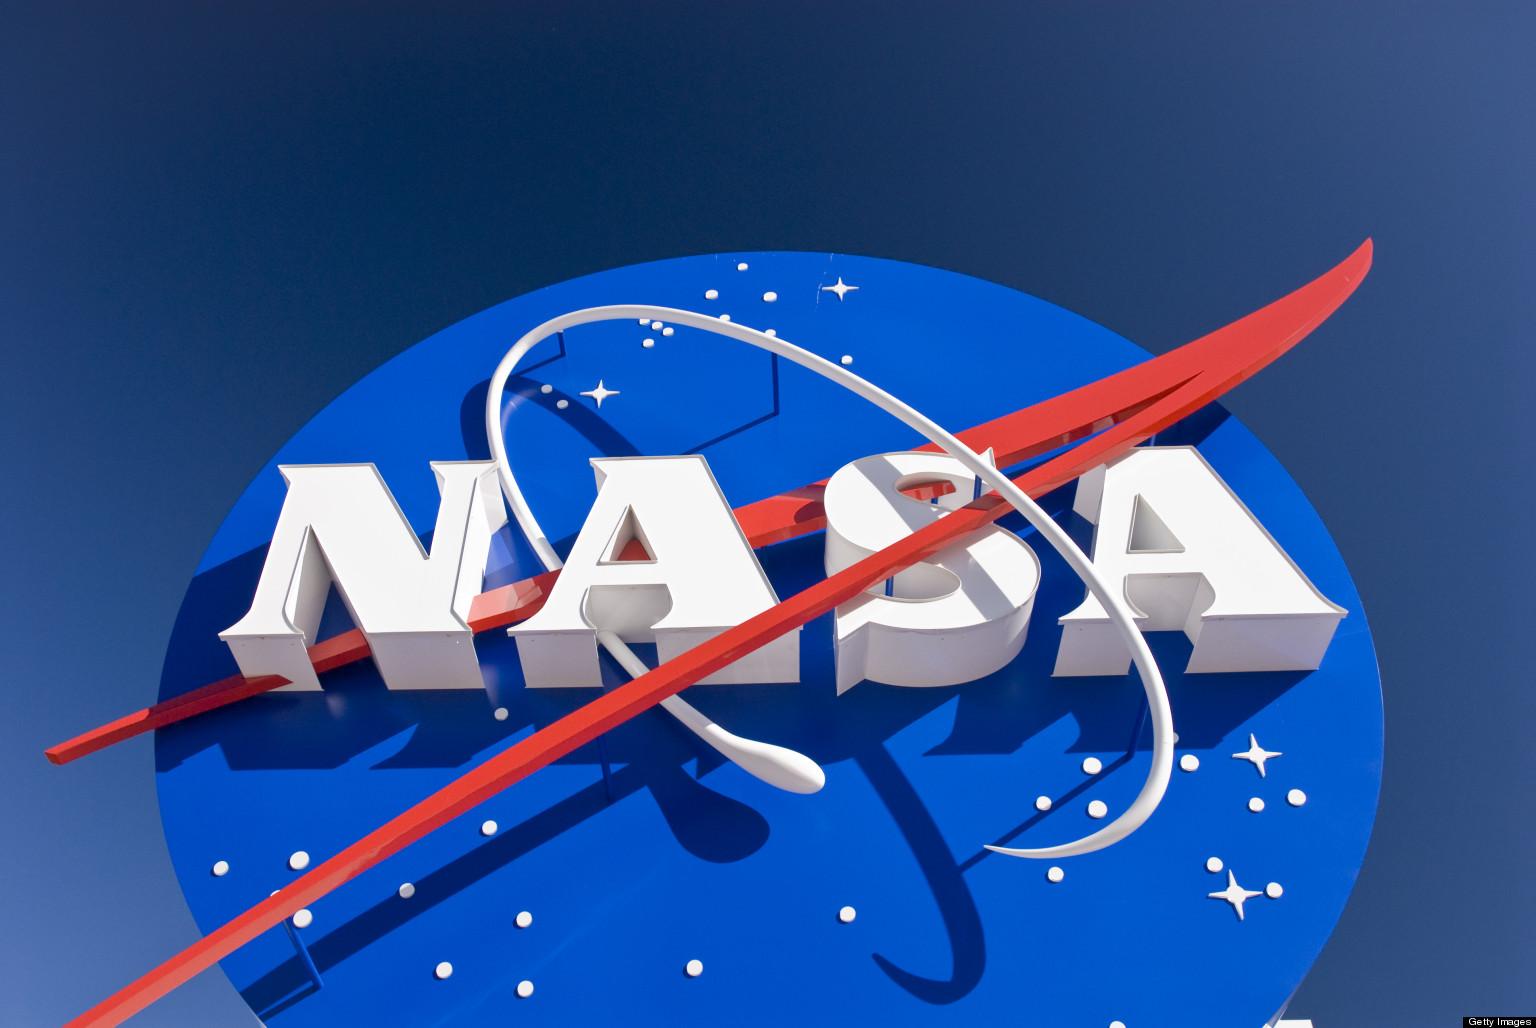 NASA рассматривает неменее 20 научно-фантастических проектов для исследования Вселенной